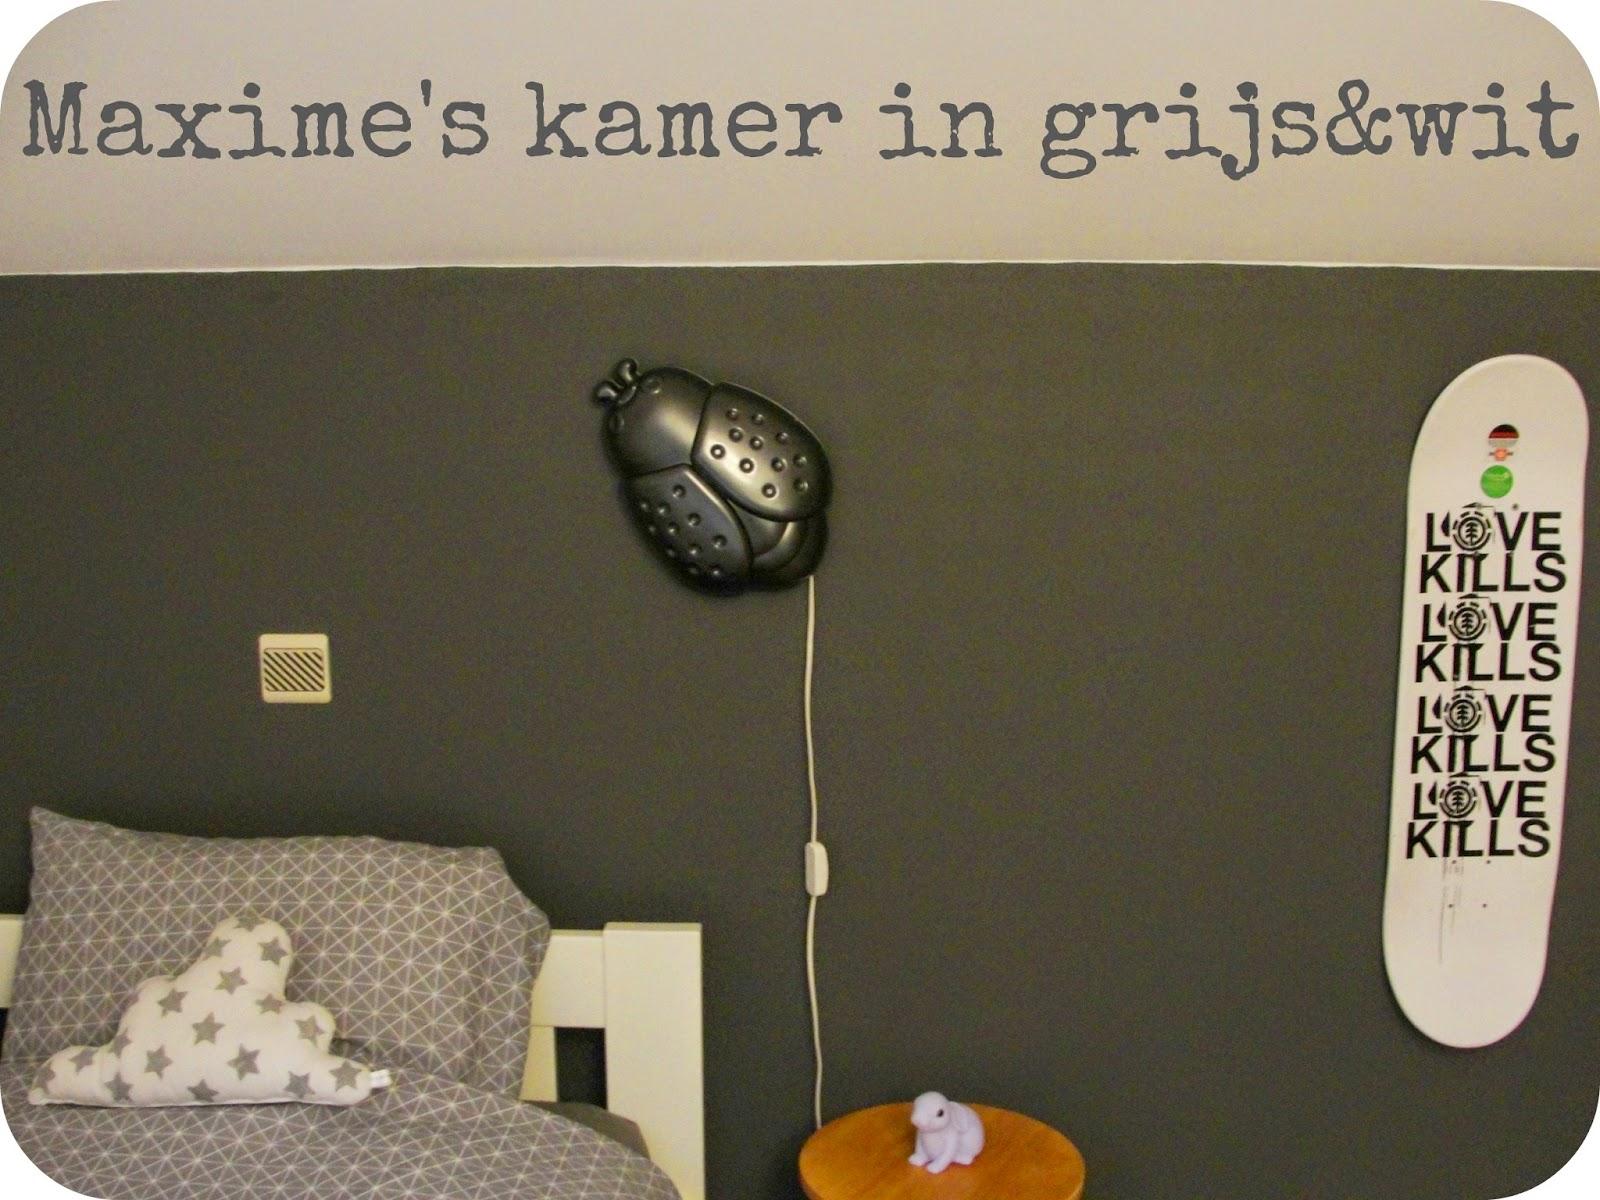 F te des gamins maxime 39 s kamer in grijs wit deel 2 - Een kamer in grijs en wit schilderen ...